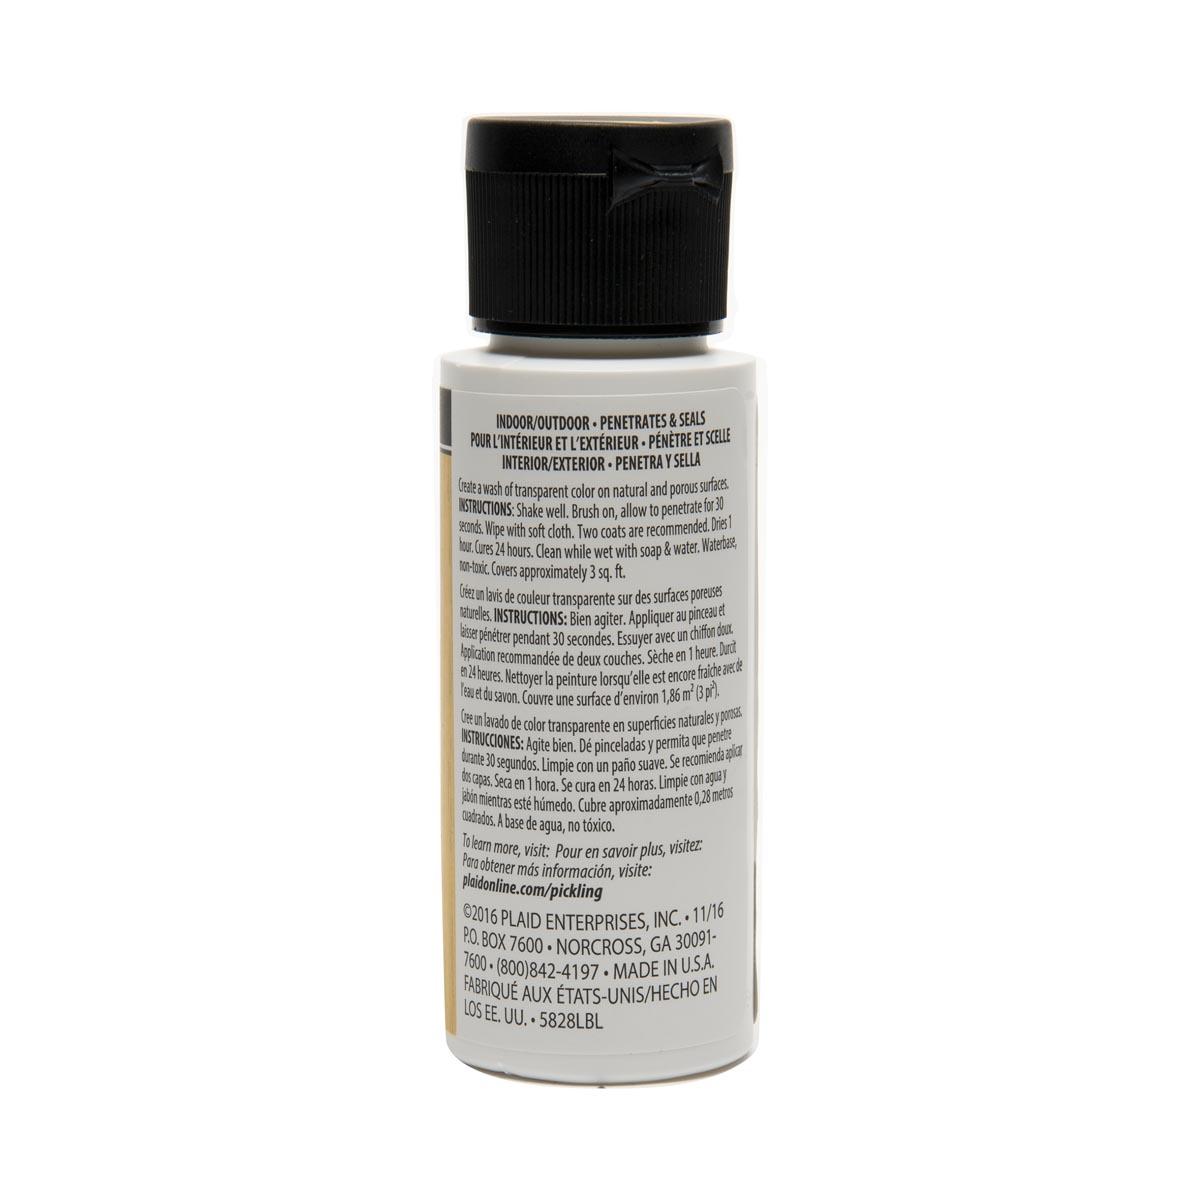 FolkArt ® Pickling Wash™ - Soleil, 2 oz. - 5828